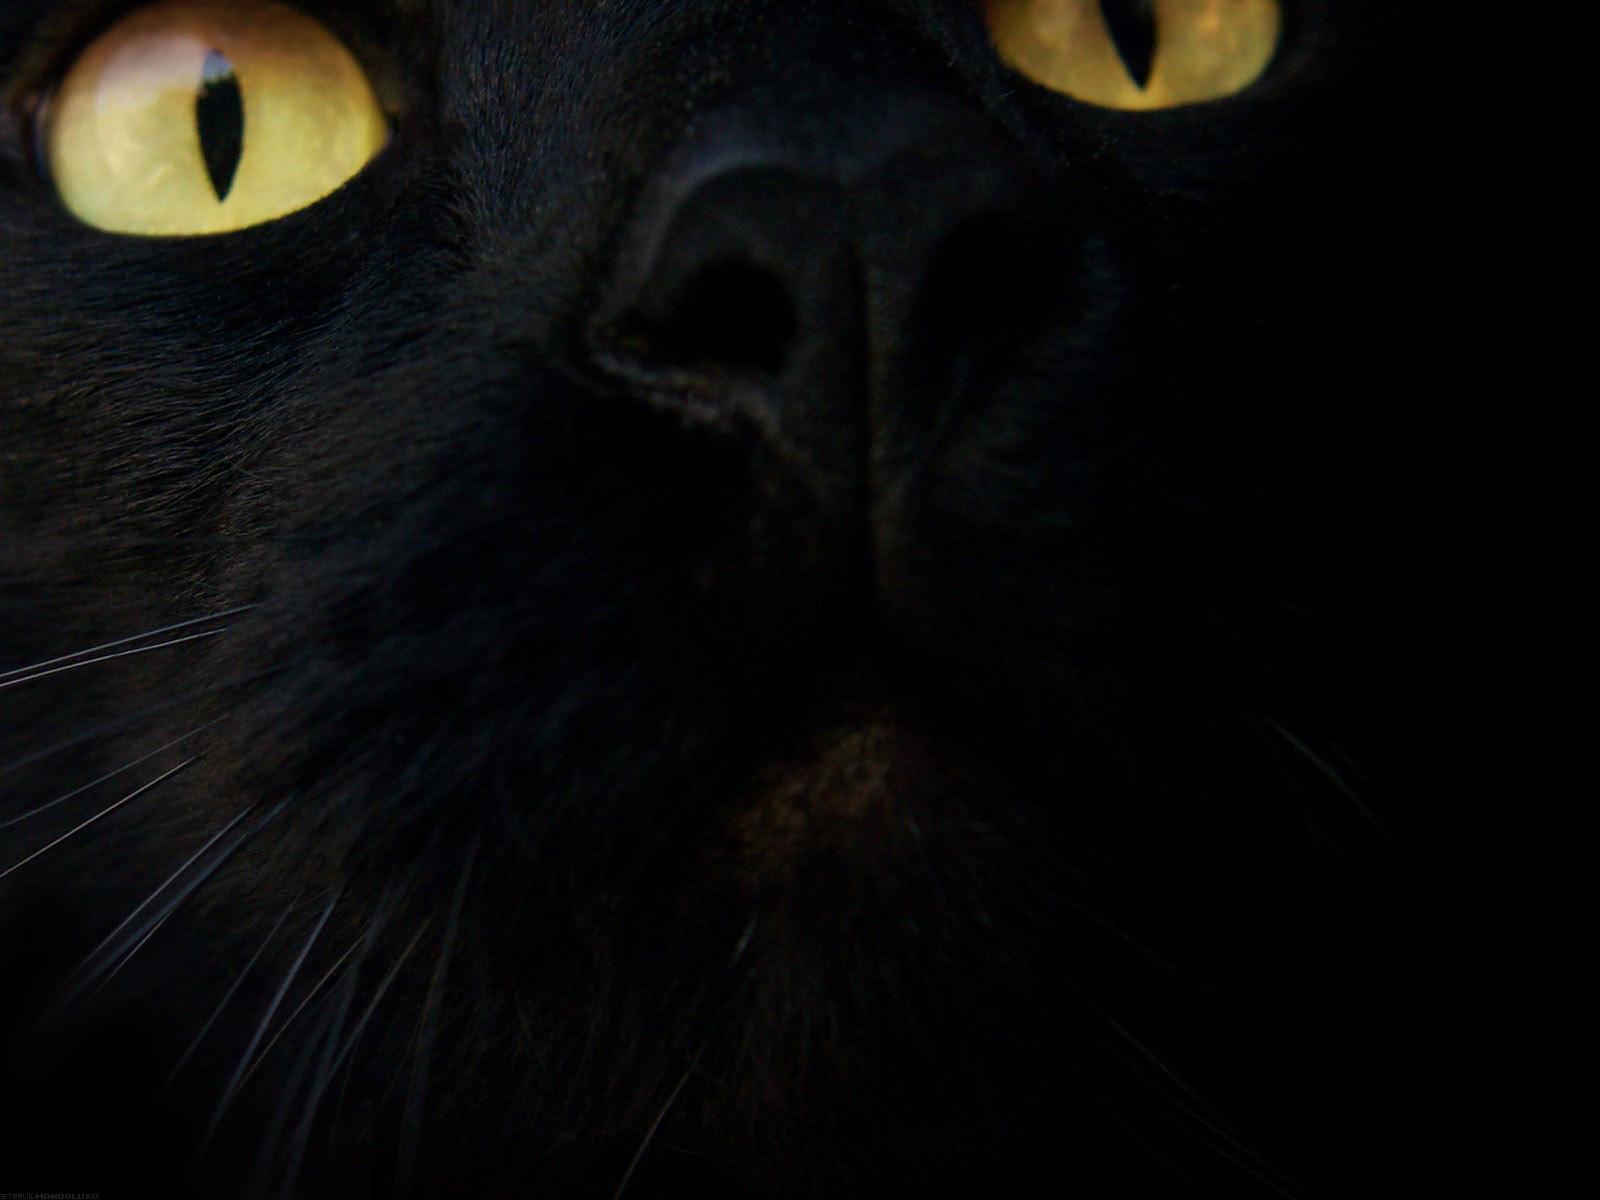 Black Cat Wallpaper   Black Wallpaper 28305470 1600x1200